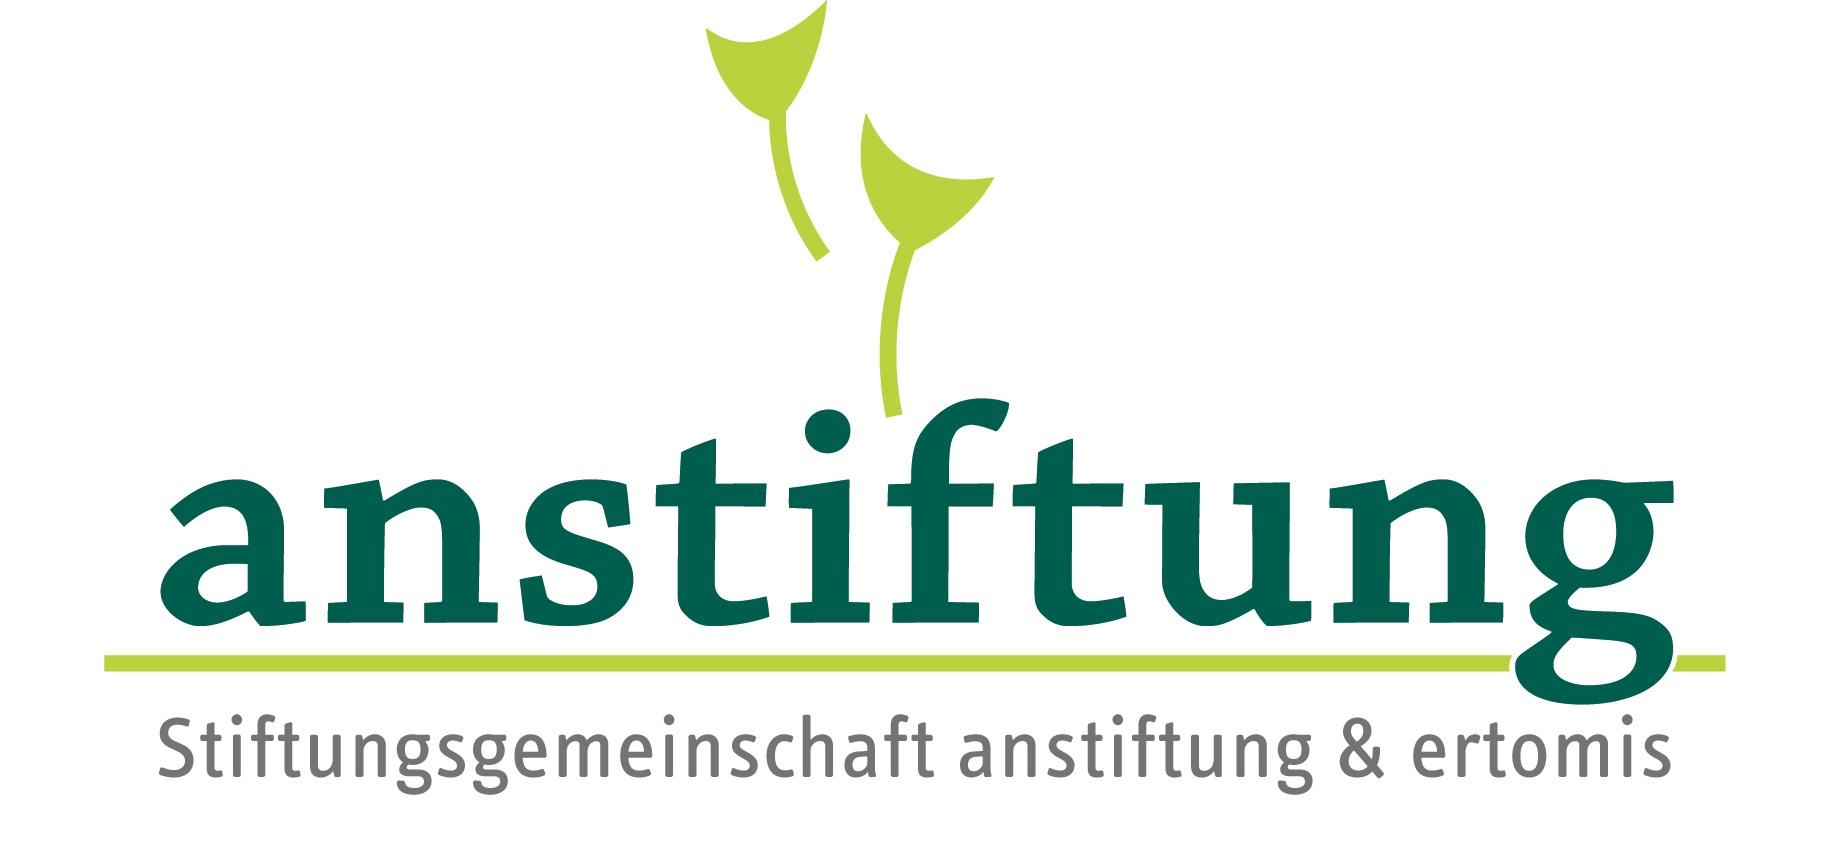 Stiftungsgemeinschaft anstiftung & ertomis